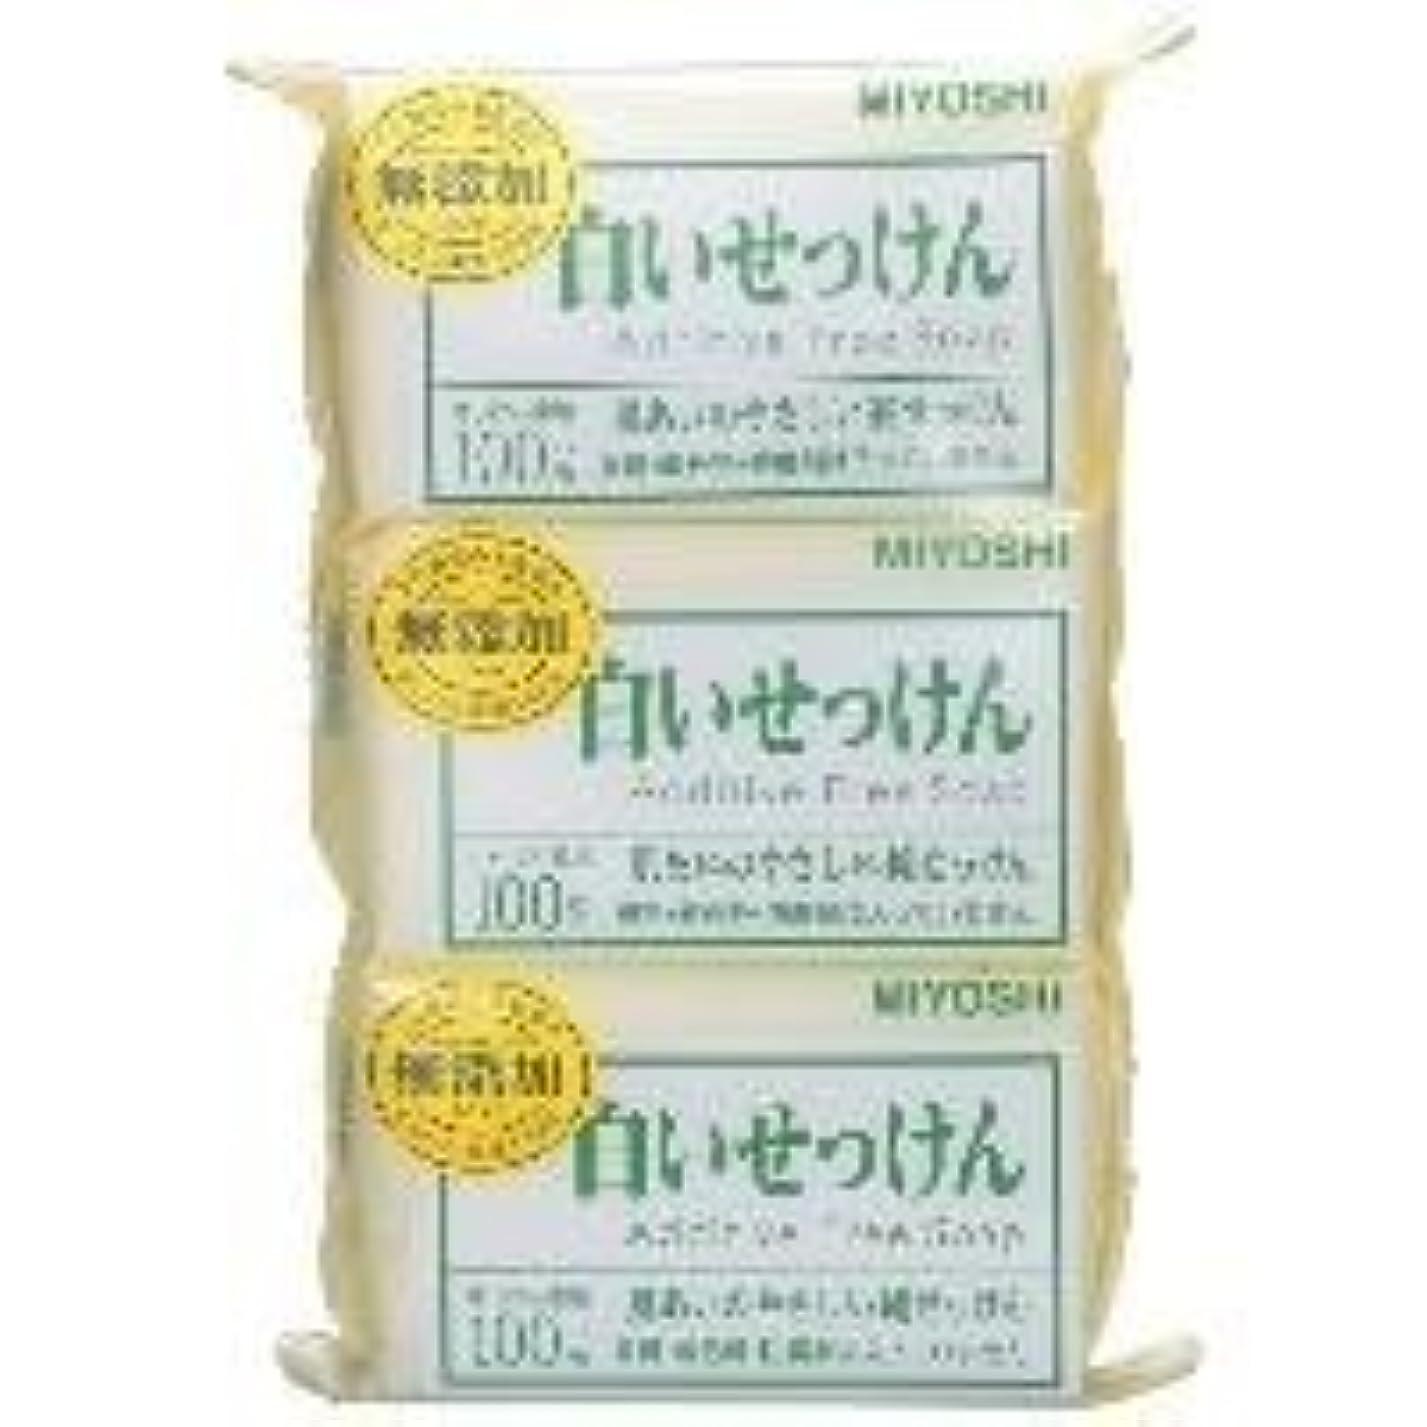 ショルダー生態学楽しむ【MIYOSHI】無添加 白いせっけん 108g×3個入